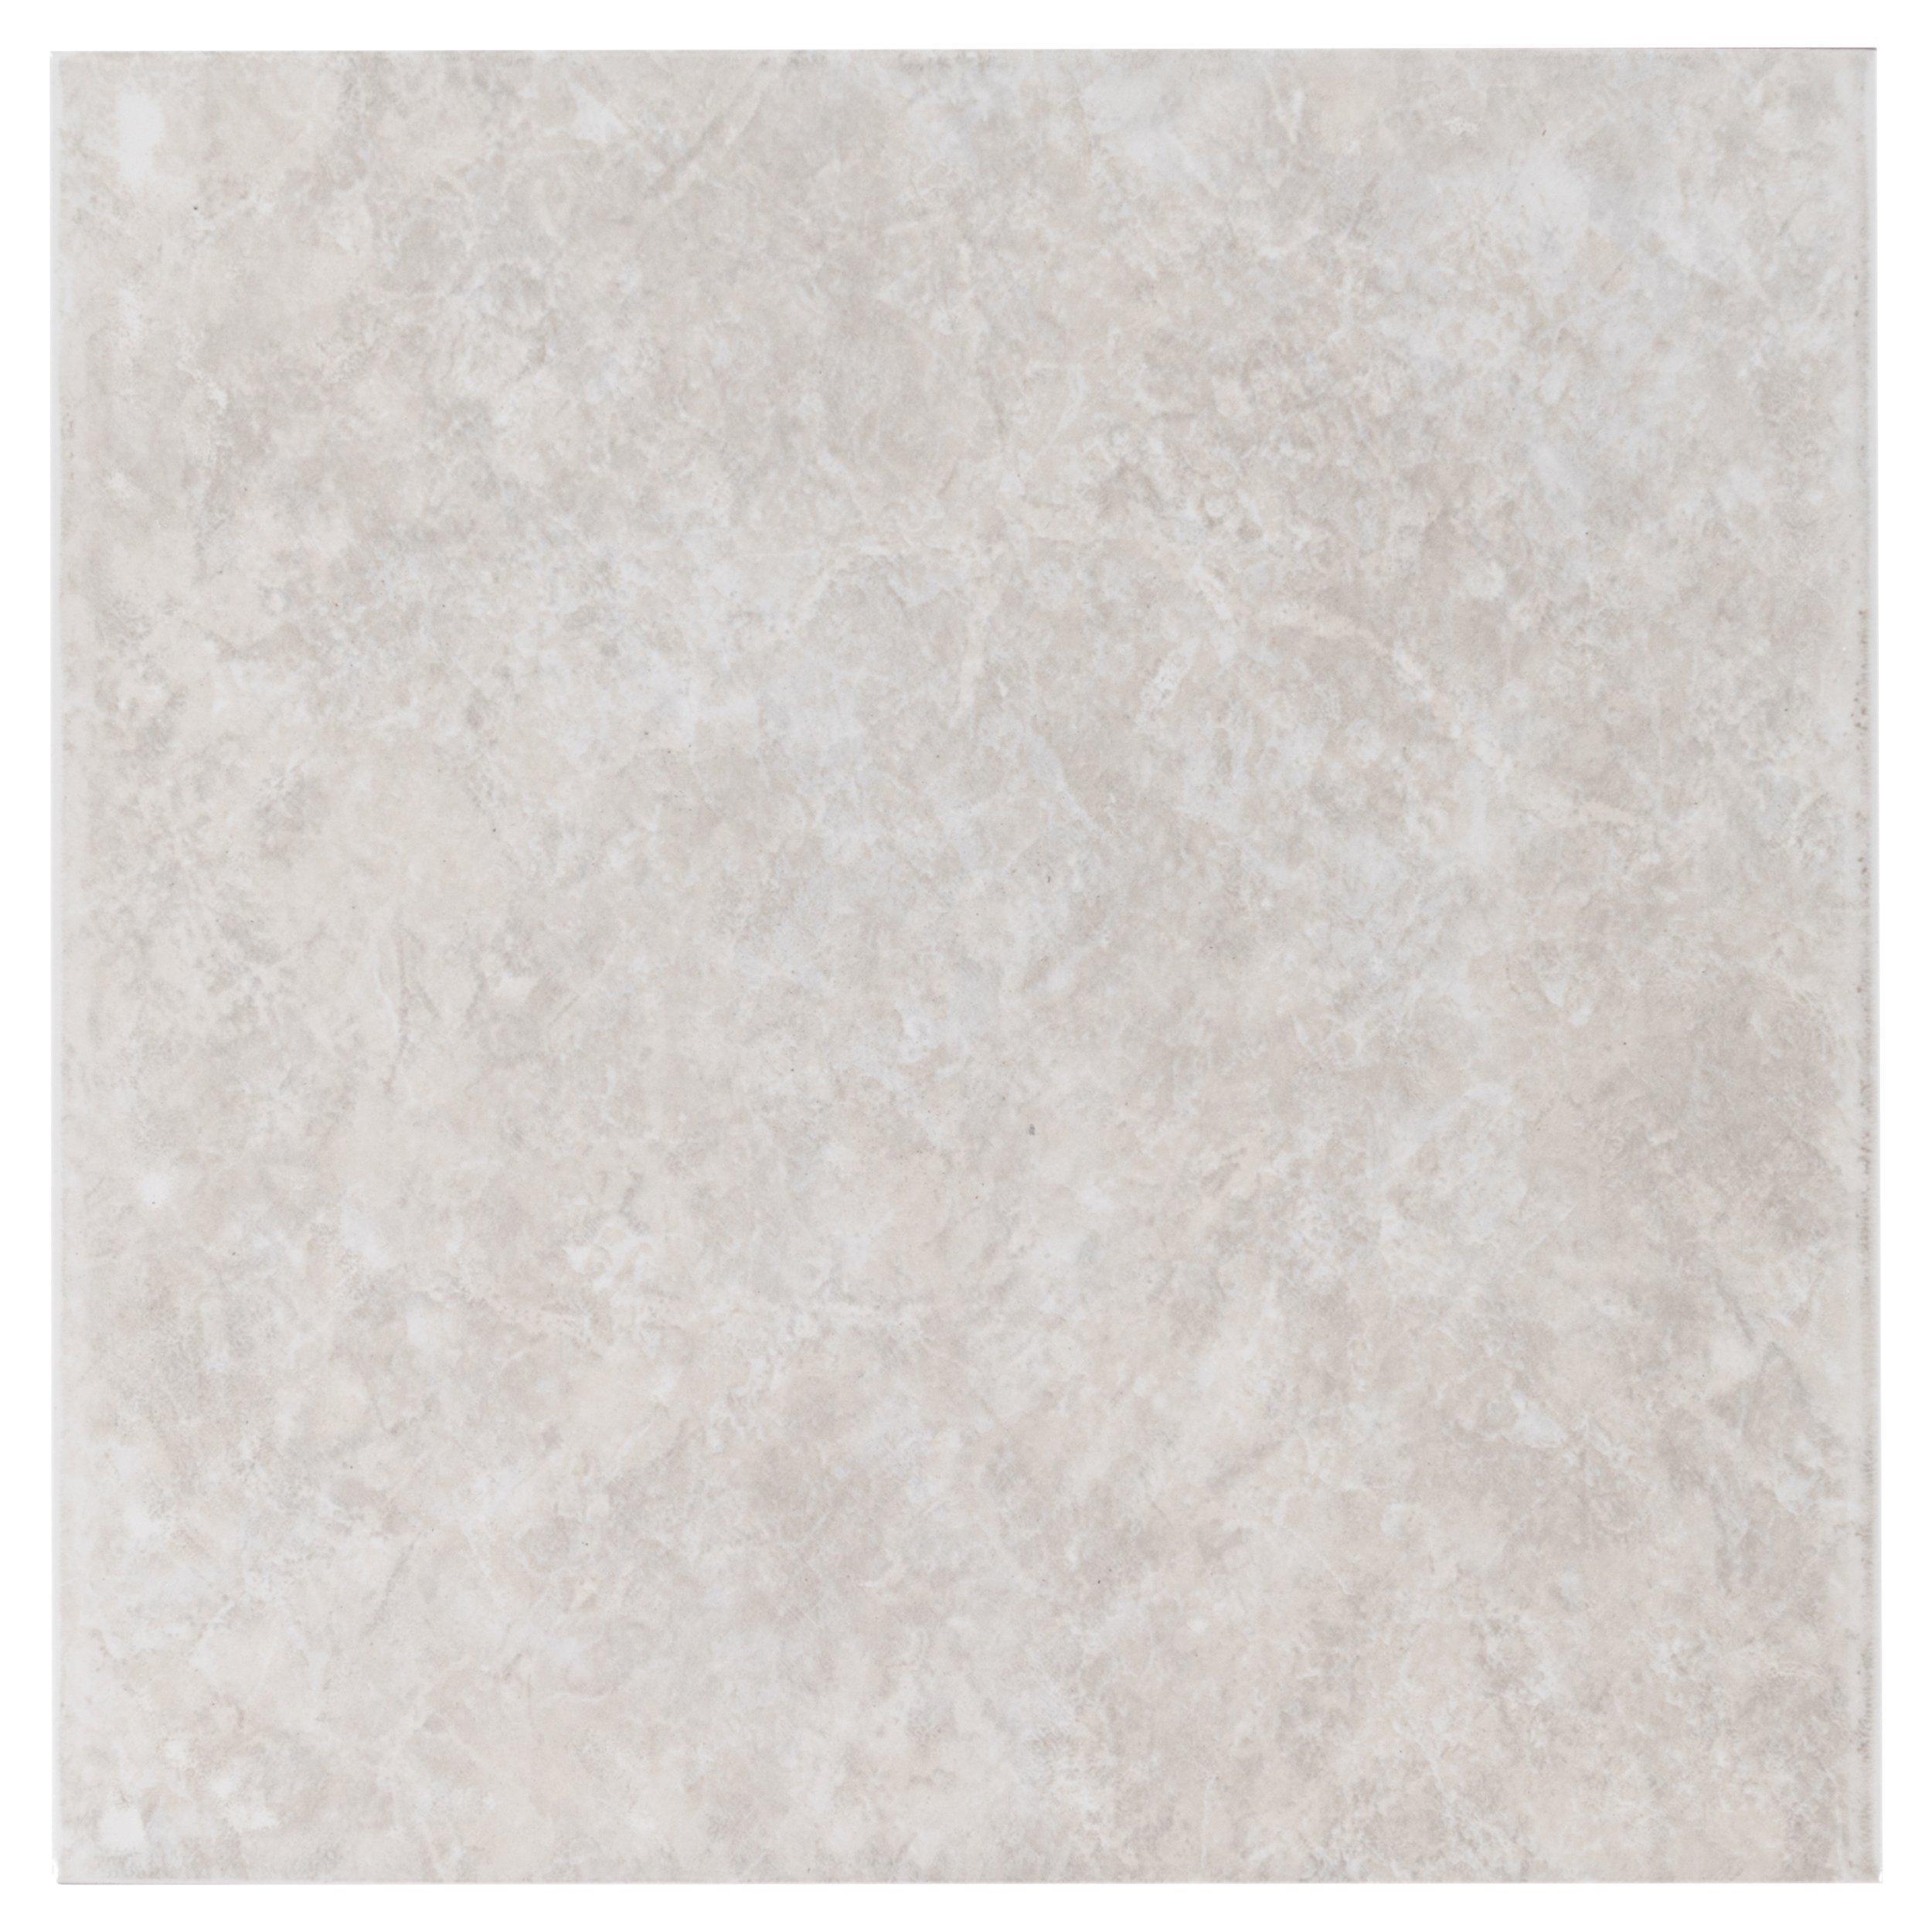 Nigeria to export ceramic tiles official premium times nigeria - Rio Pelotas Gray Iii Ceramic Tile 12in X 12in 100091685